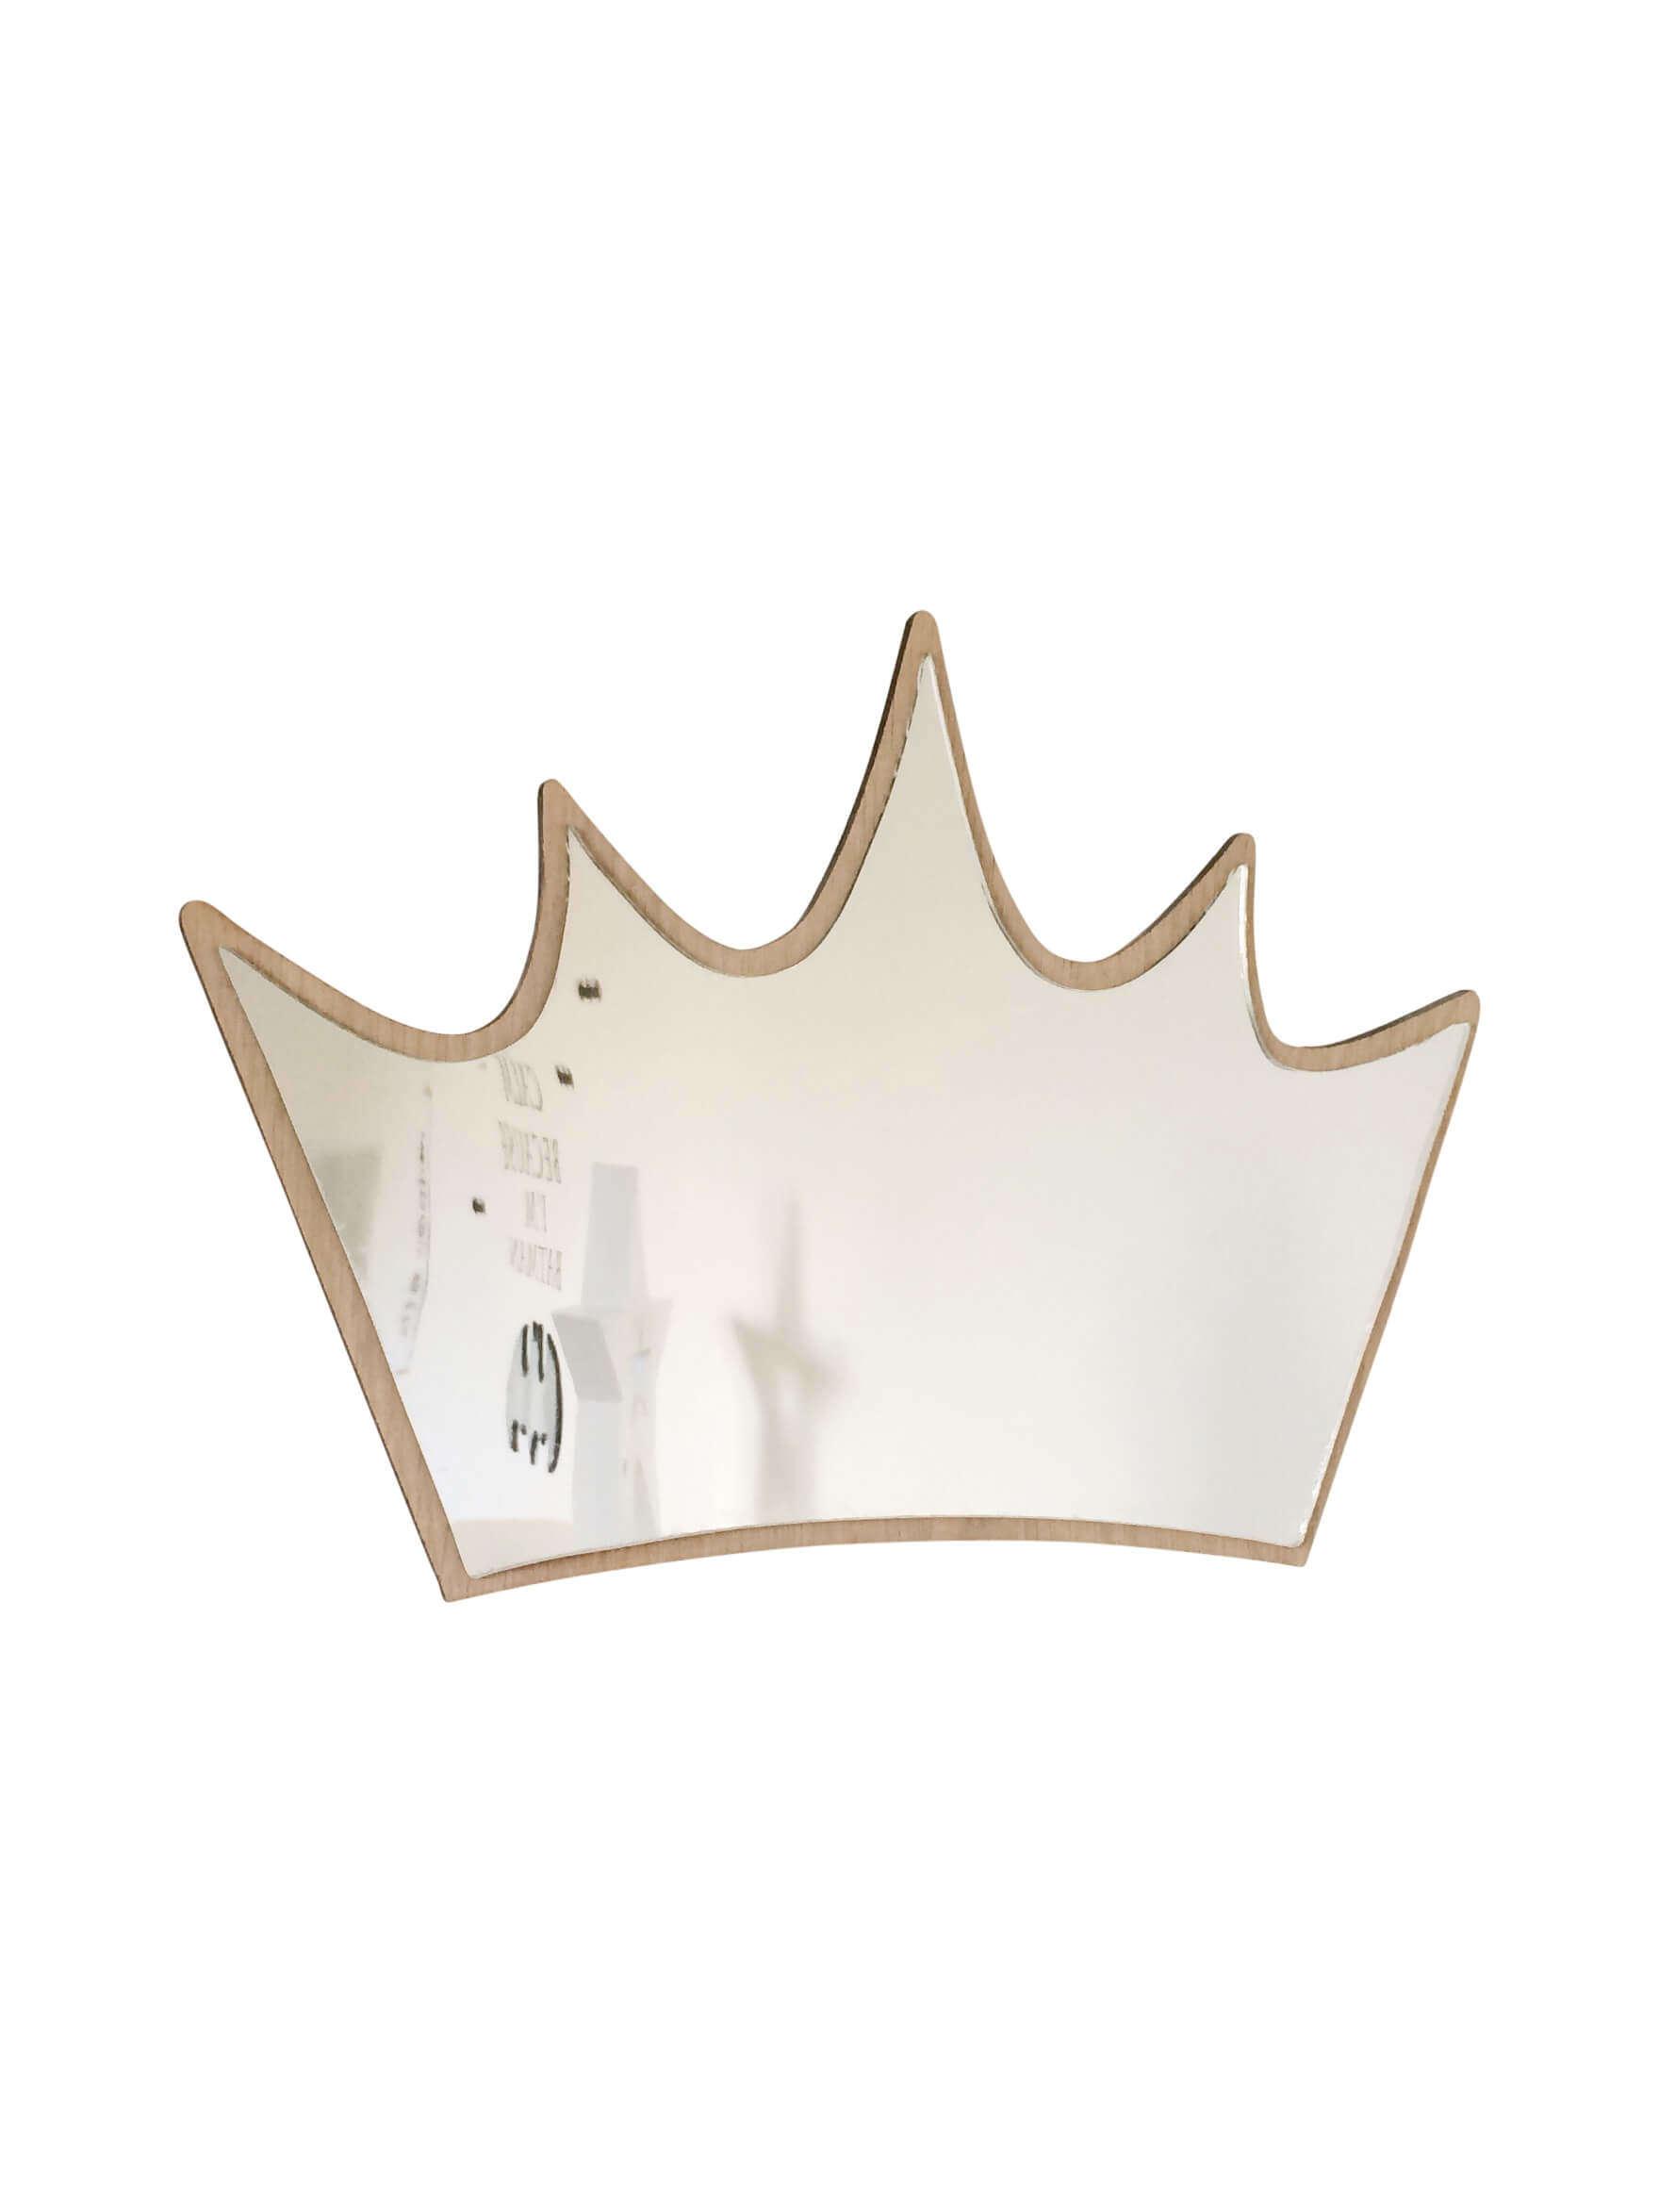 Maseliving Maseliving - krone spejl, 8 stk. på lager på pixizoo